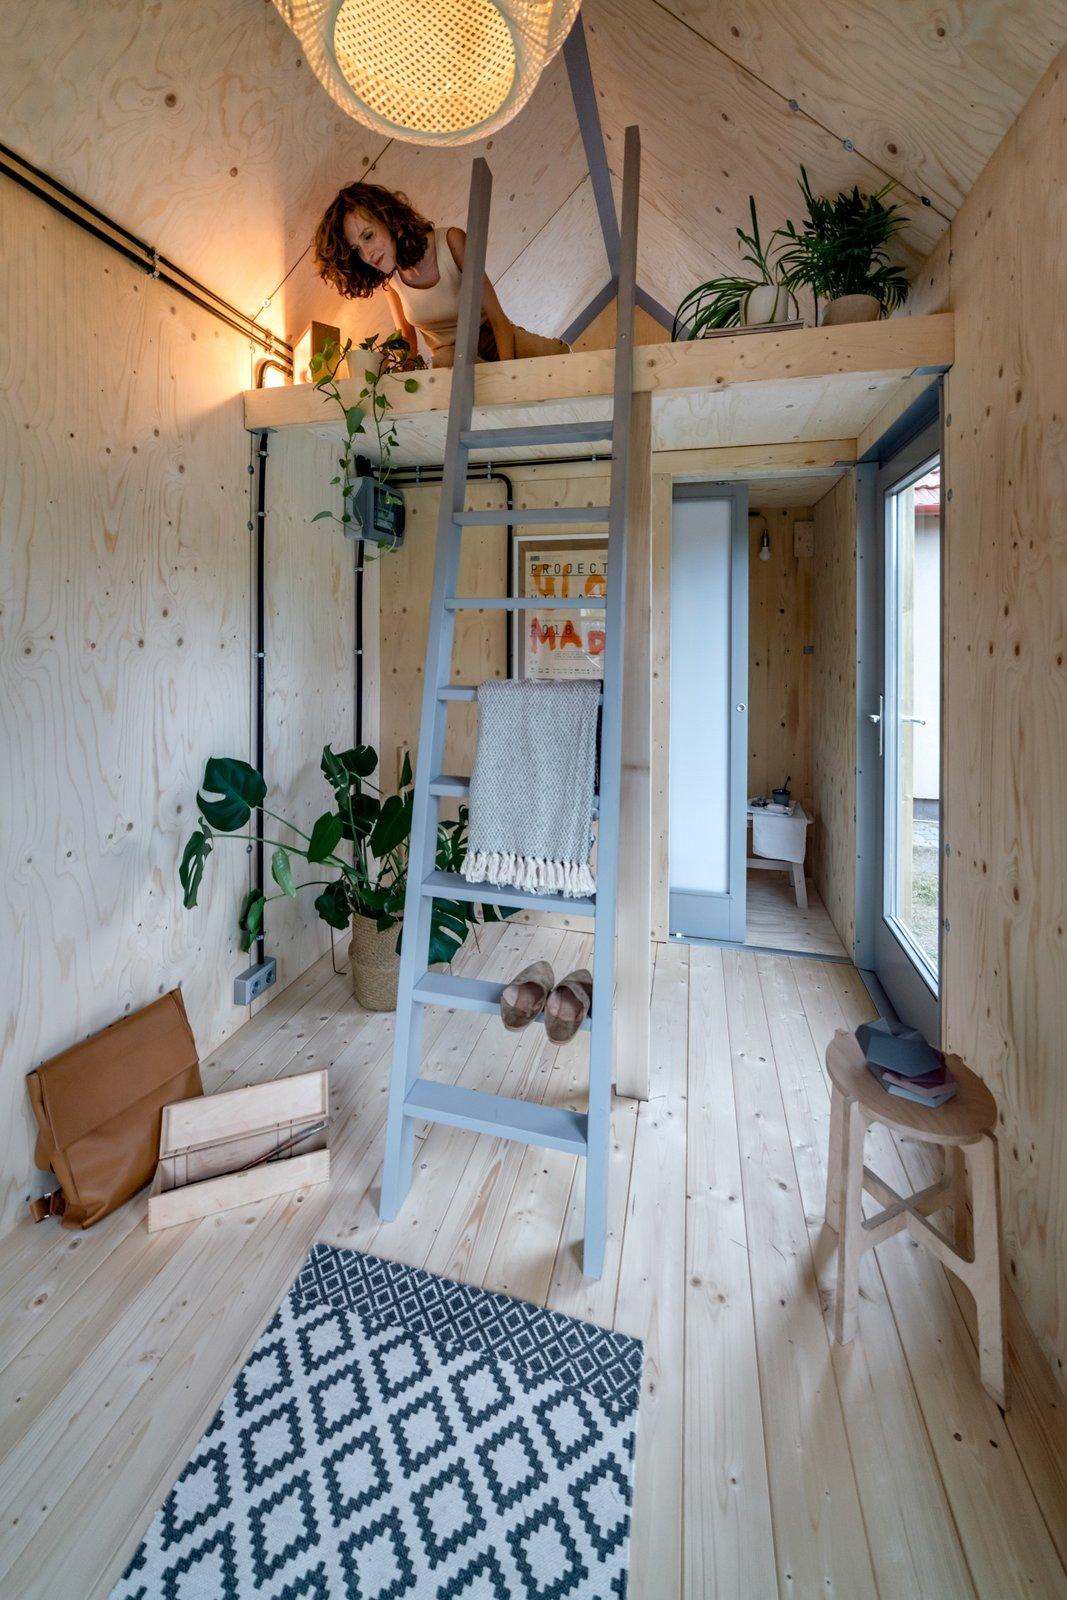 Loft bedroom of Kabinka by Hello Wood.